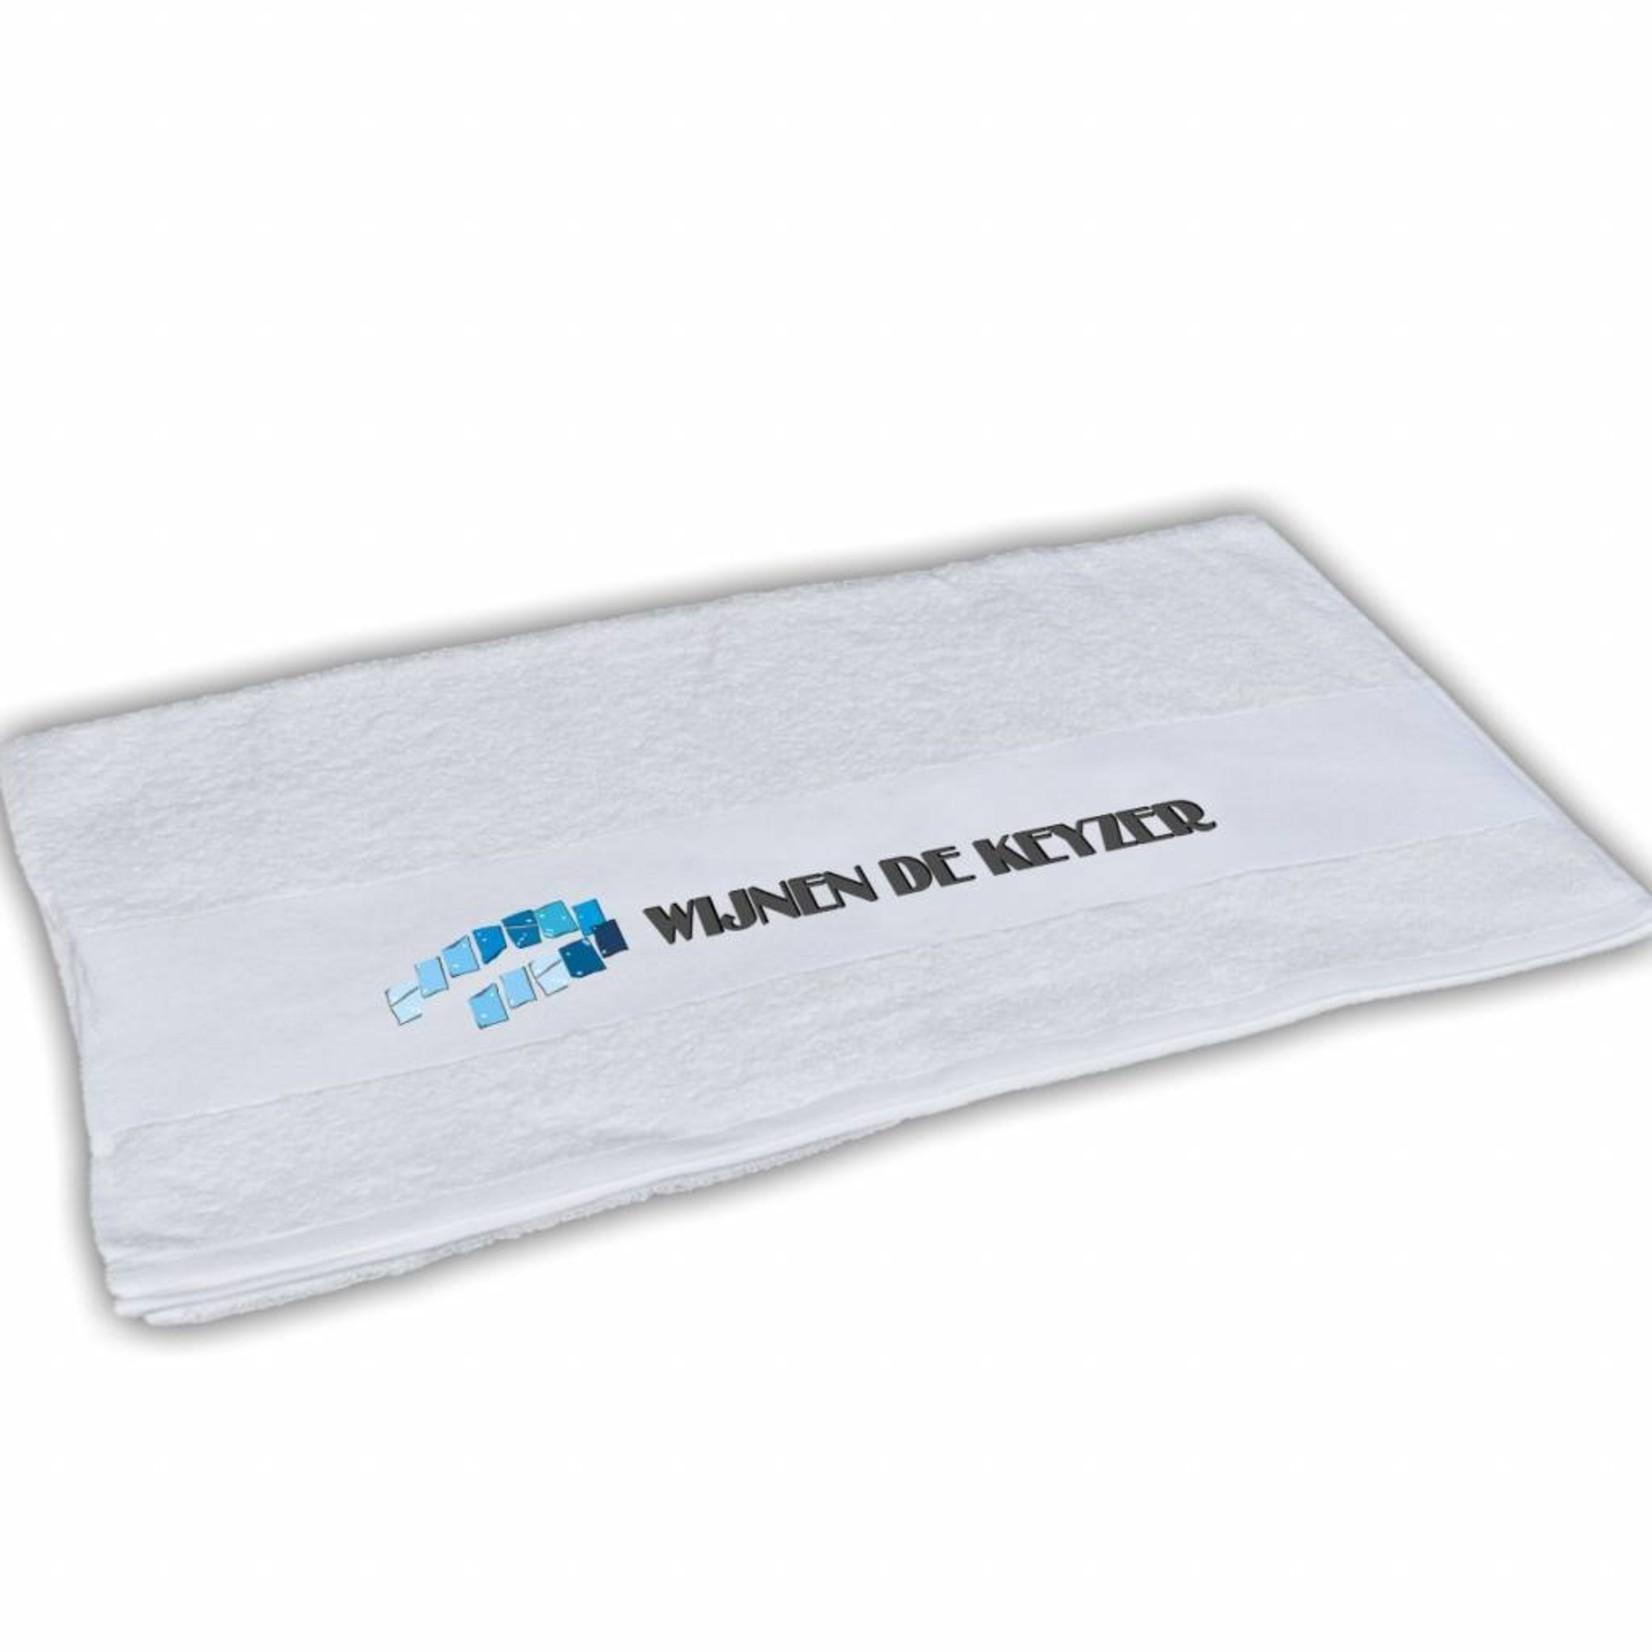 Handdoek met logo